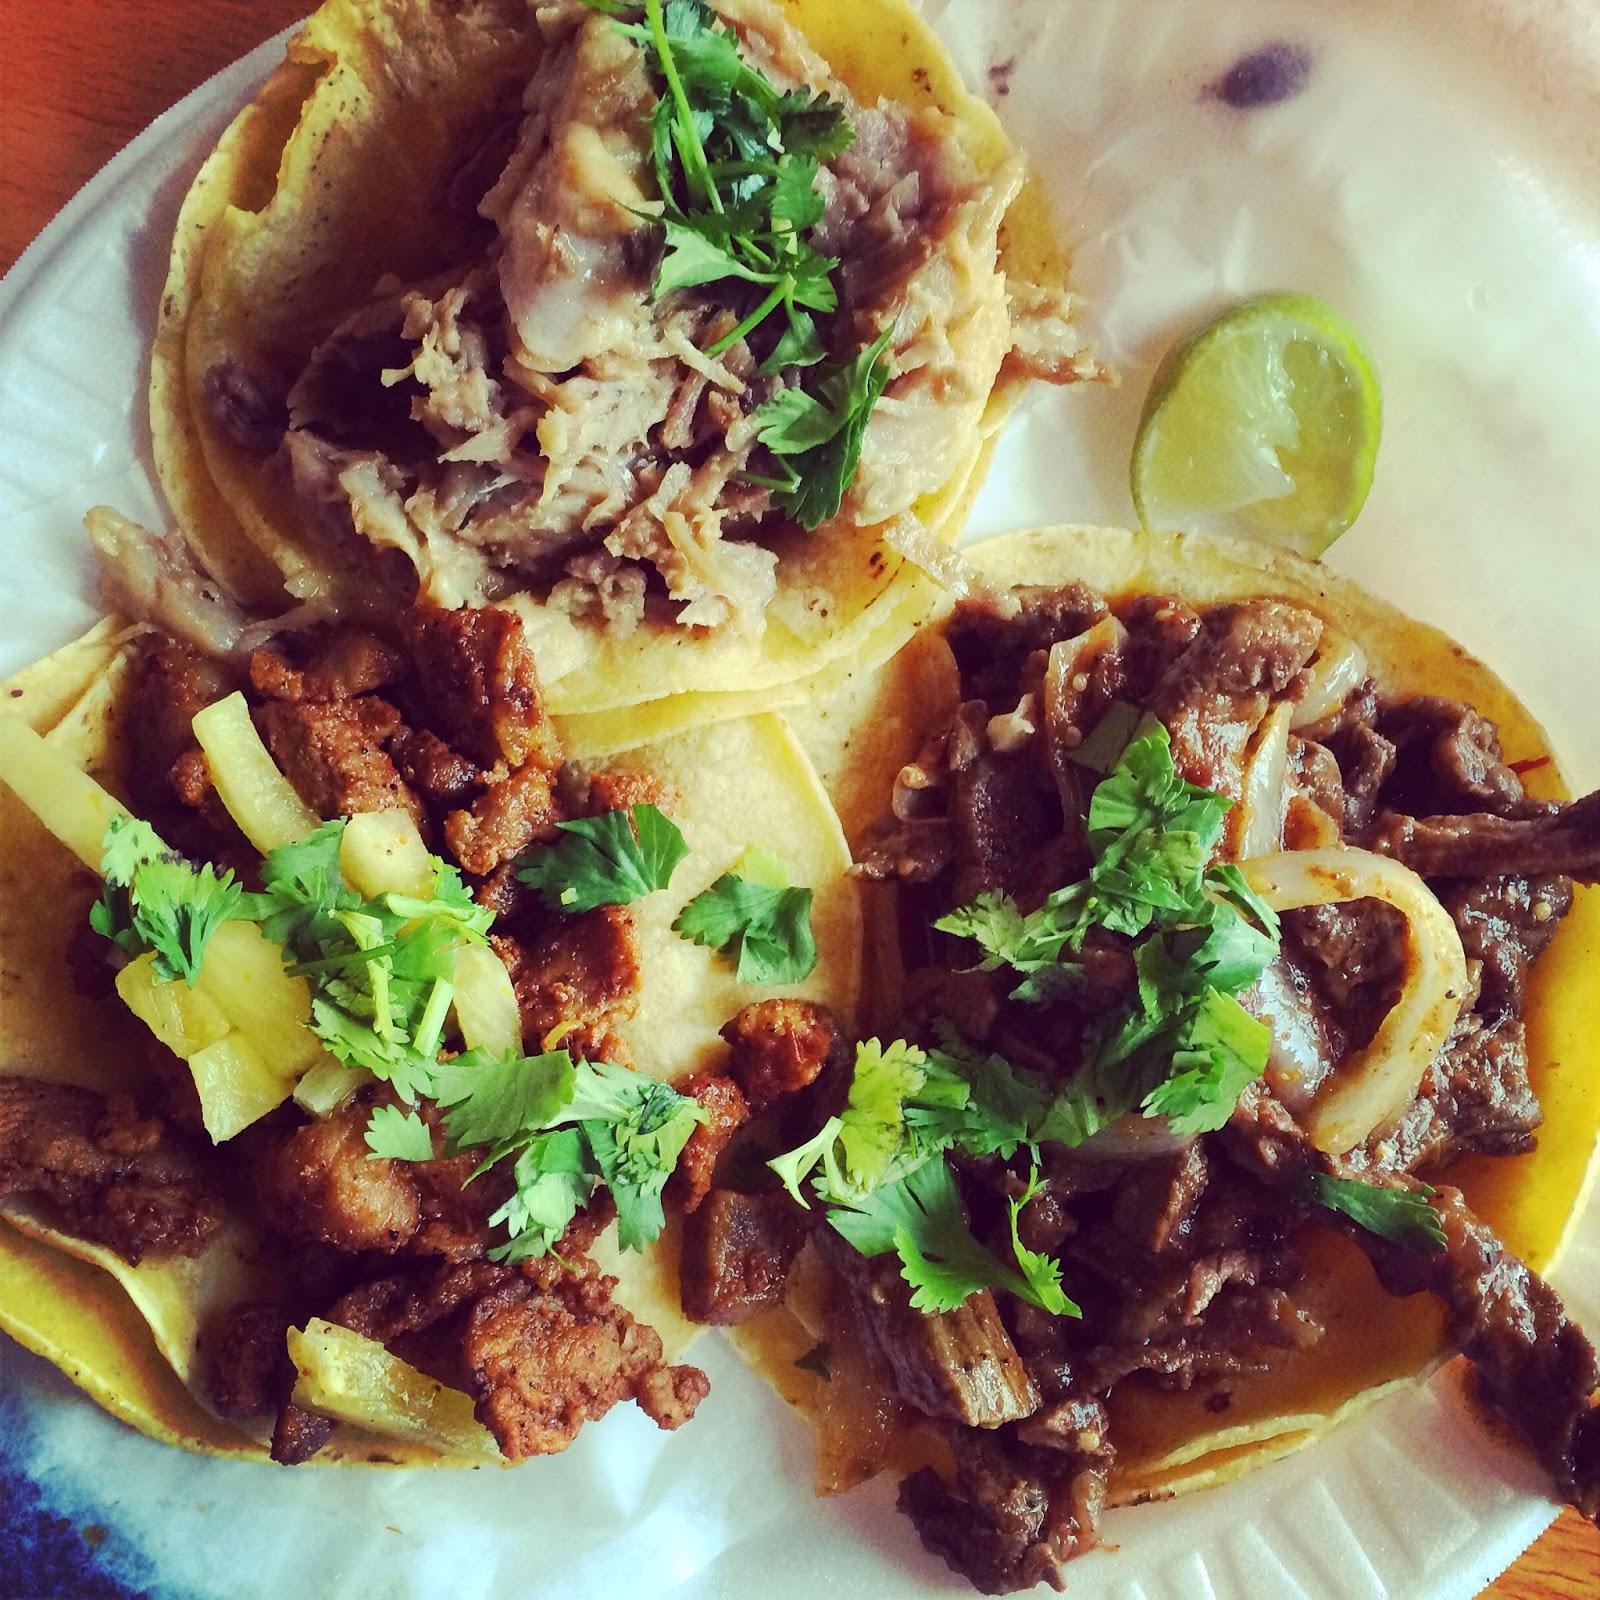 Tacos at Taco n Sabor